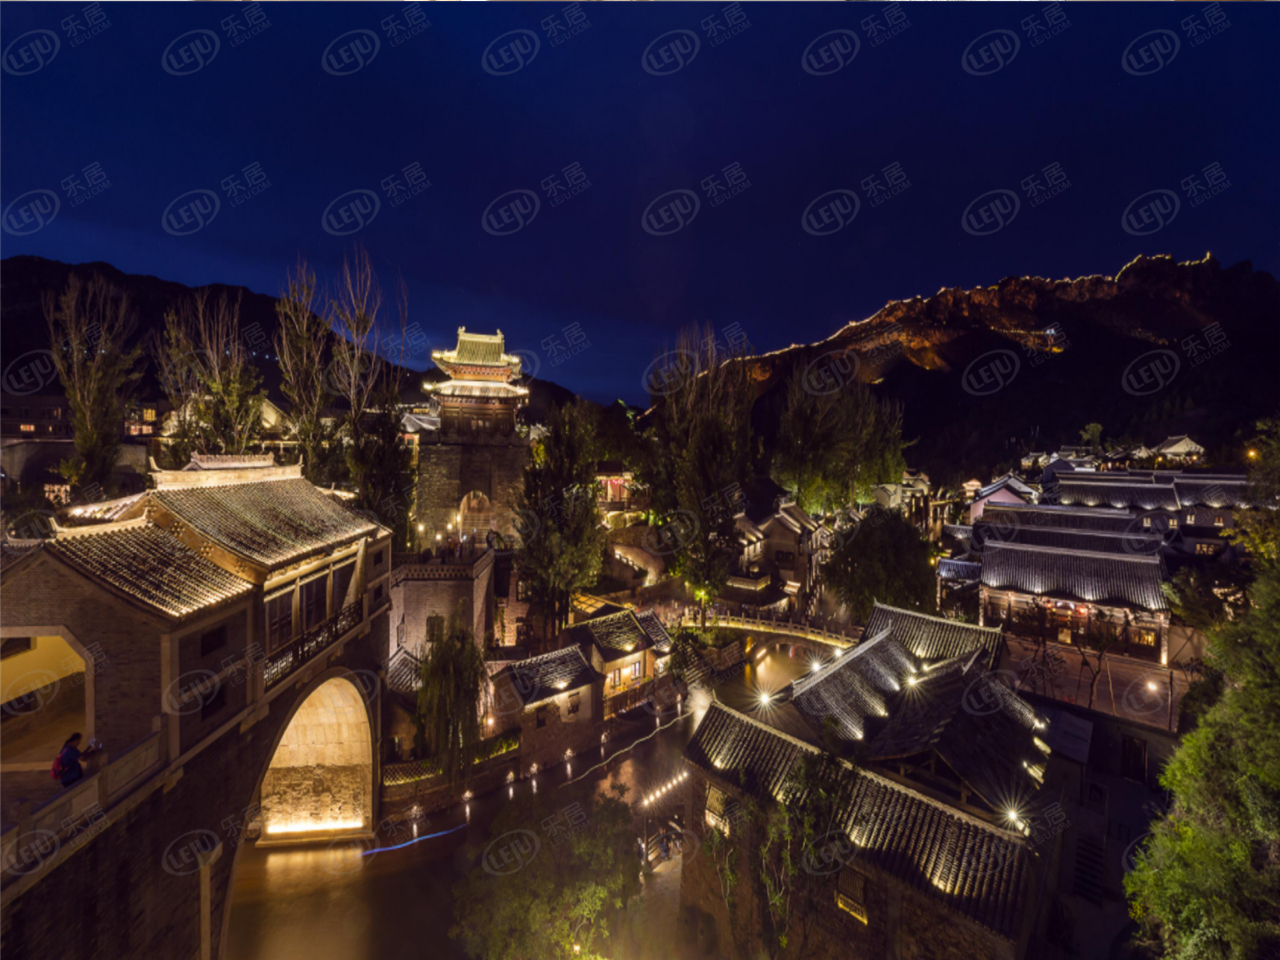 滦平县长城脚下坐望山,坐落于古北水镇司马台长城北。